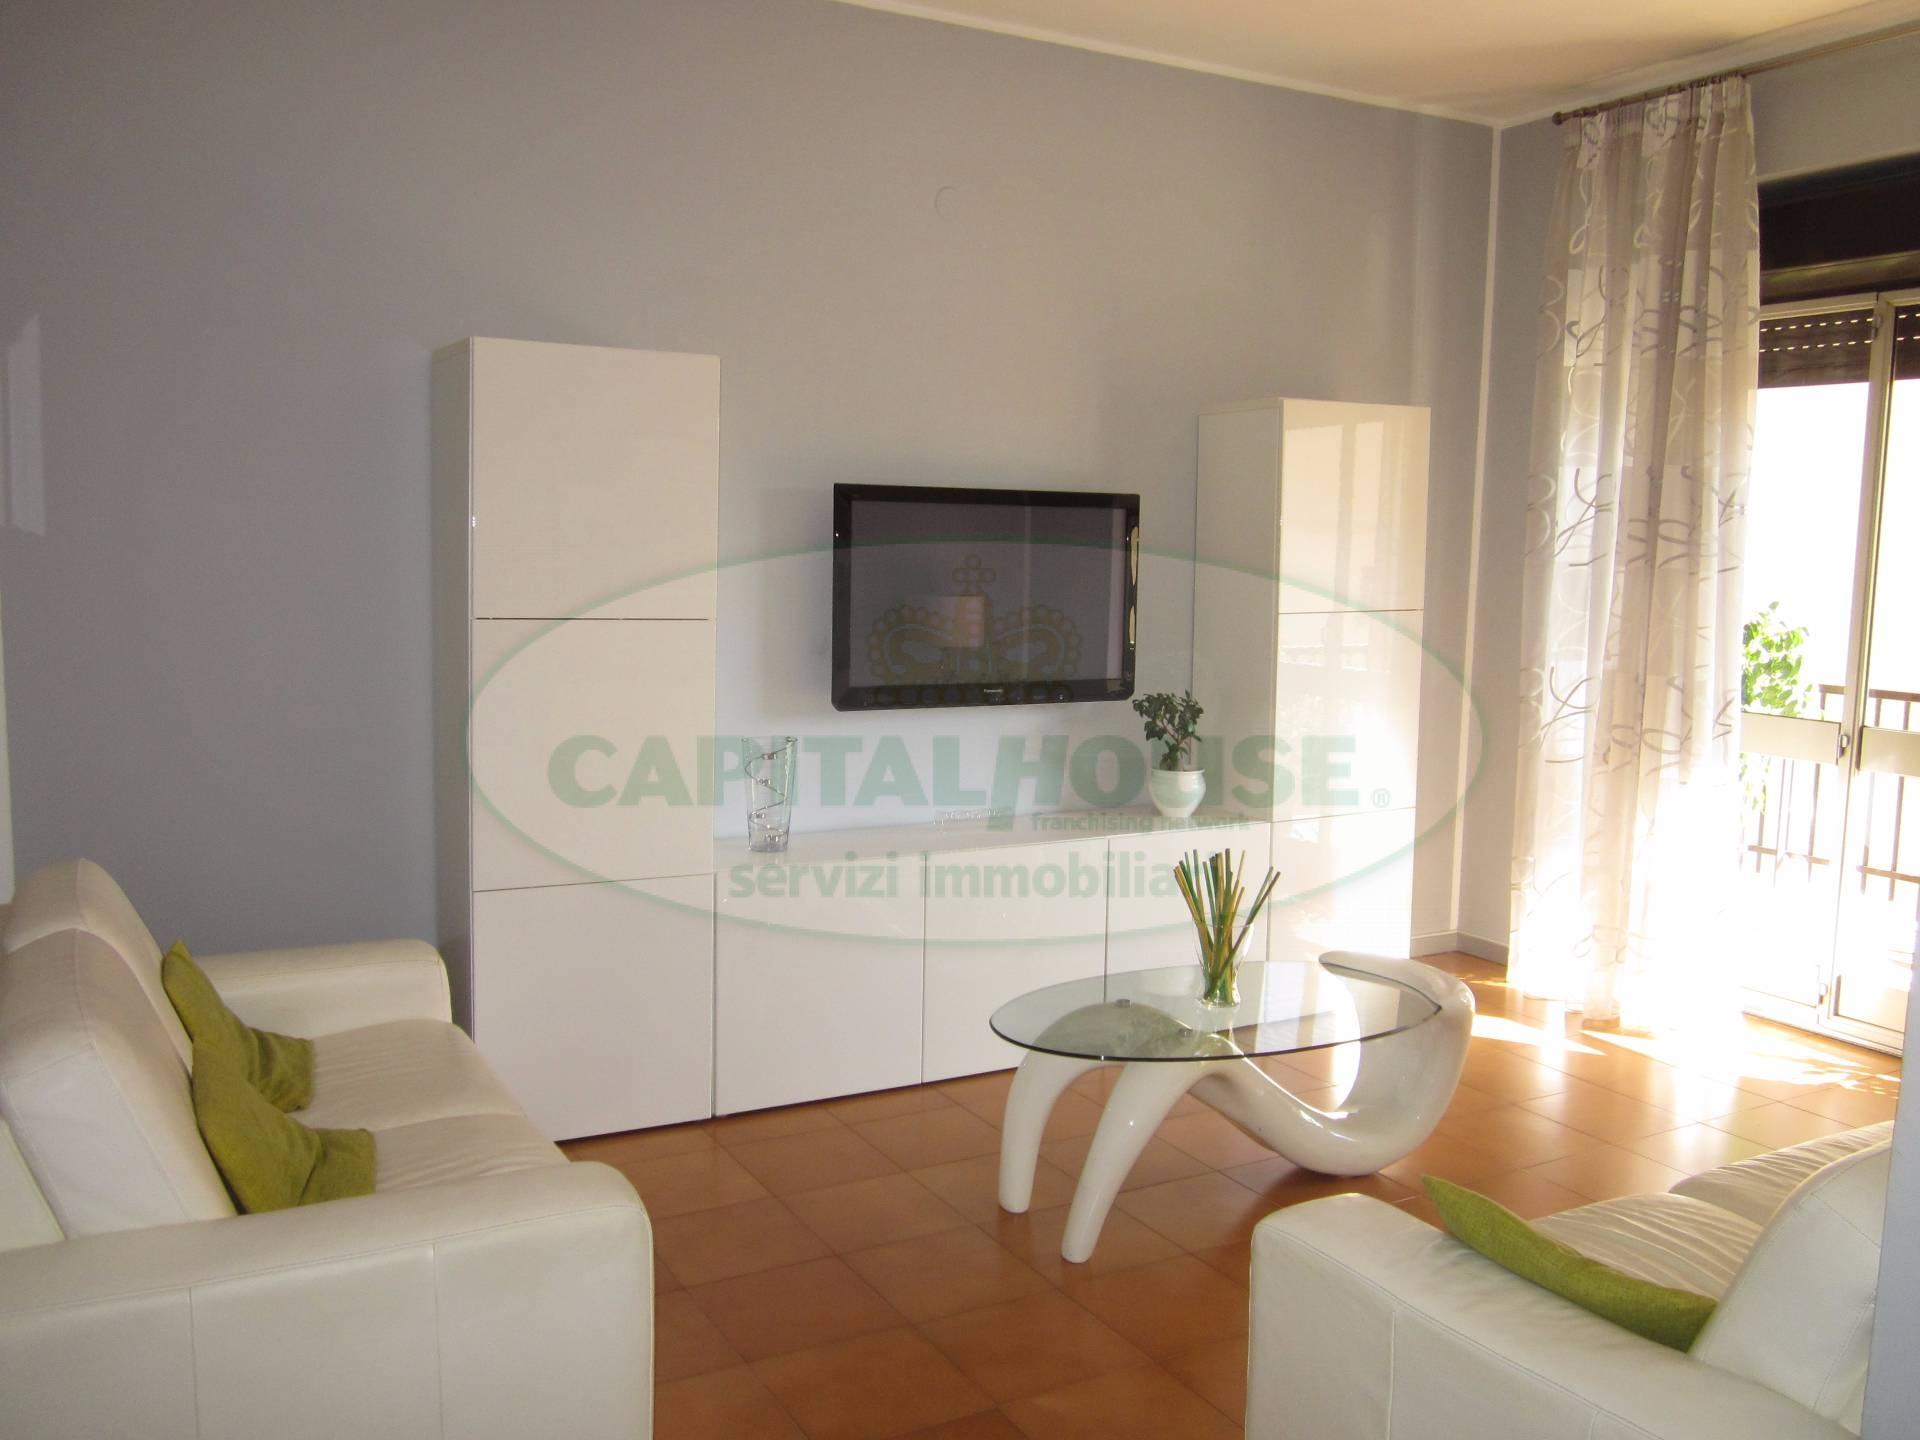 Appartamento in vendita a San Nicola la Strada, 4 locali, prezzo € 170.000 | Cambio Casa.it